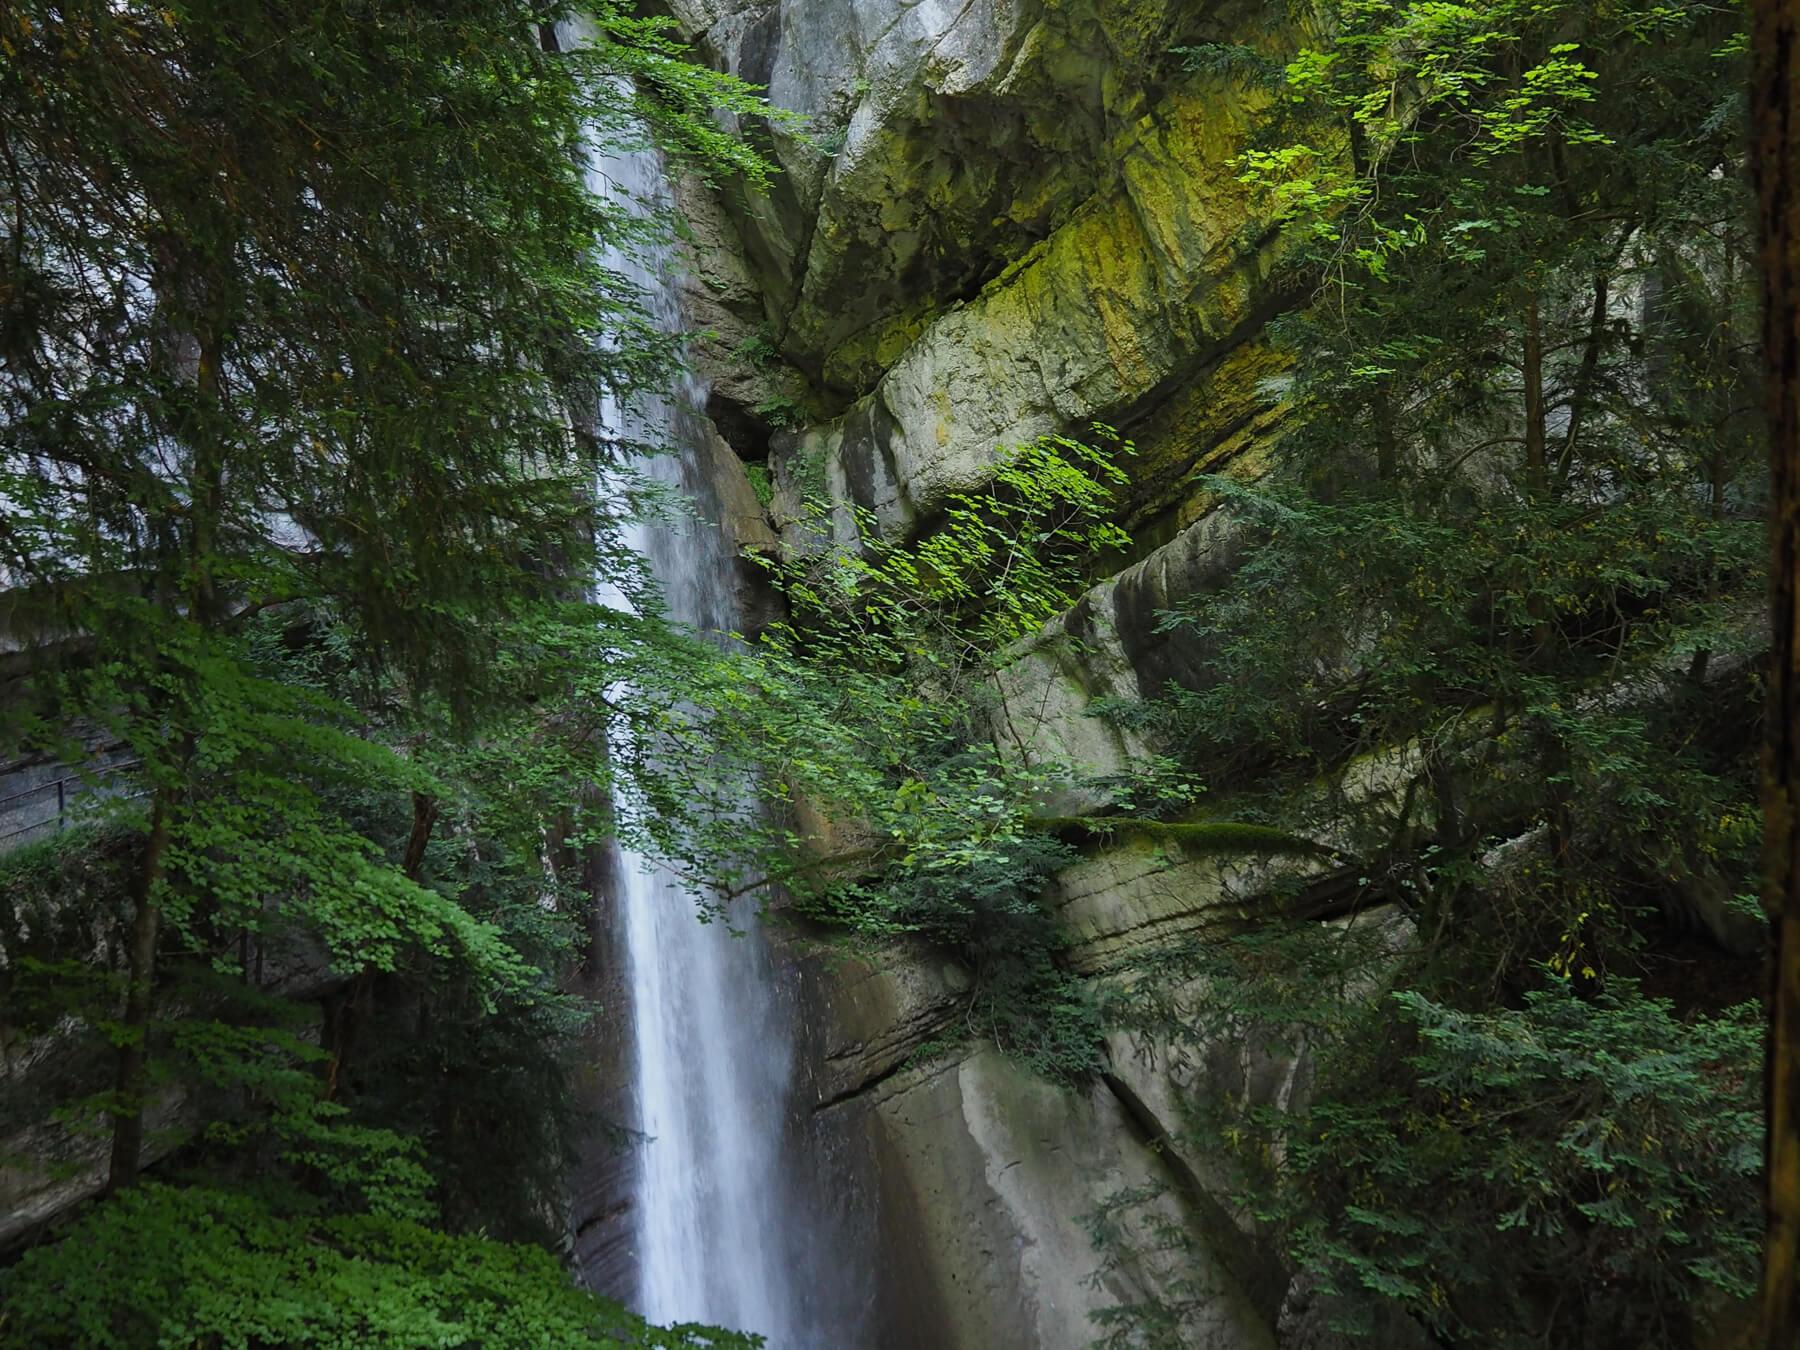 Cascades proches du lac d'Annecy - la cascade d'Angon